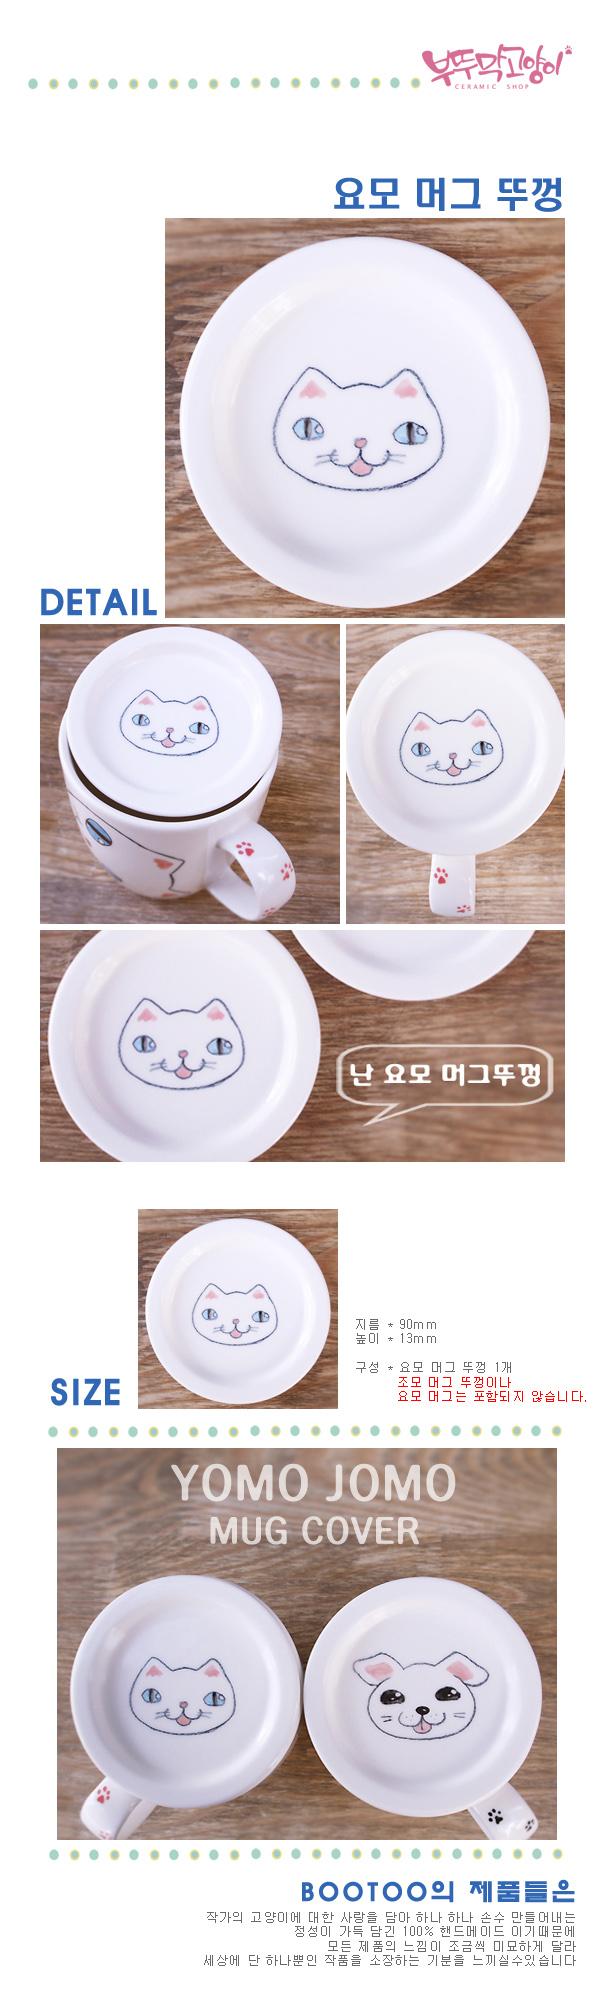 요모 머그뚜껑 - 부뚜막 고양이, 4,000원, 컵받침/뚜껑/홀더, 컵뚜껑